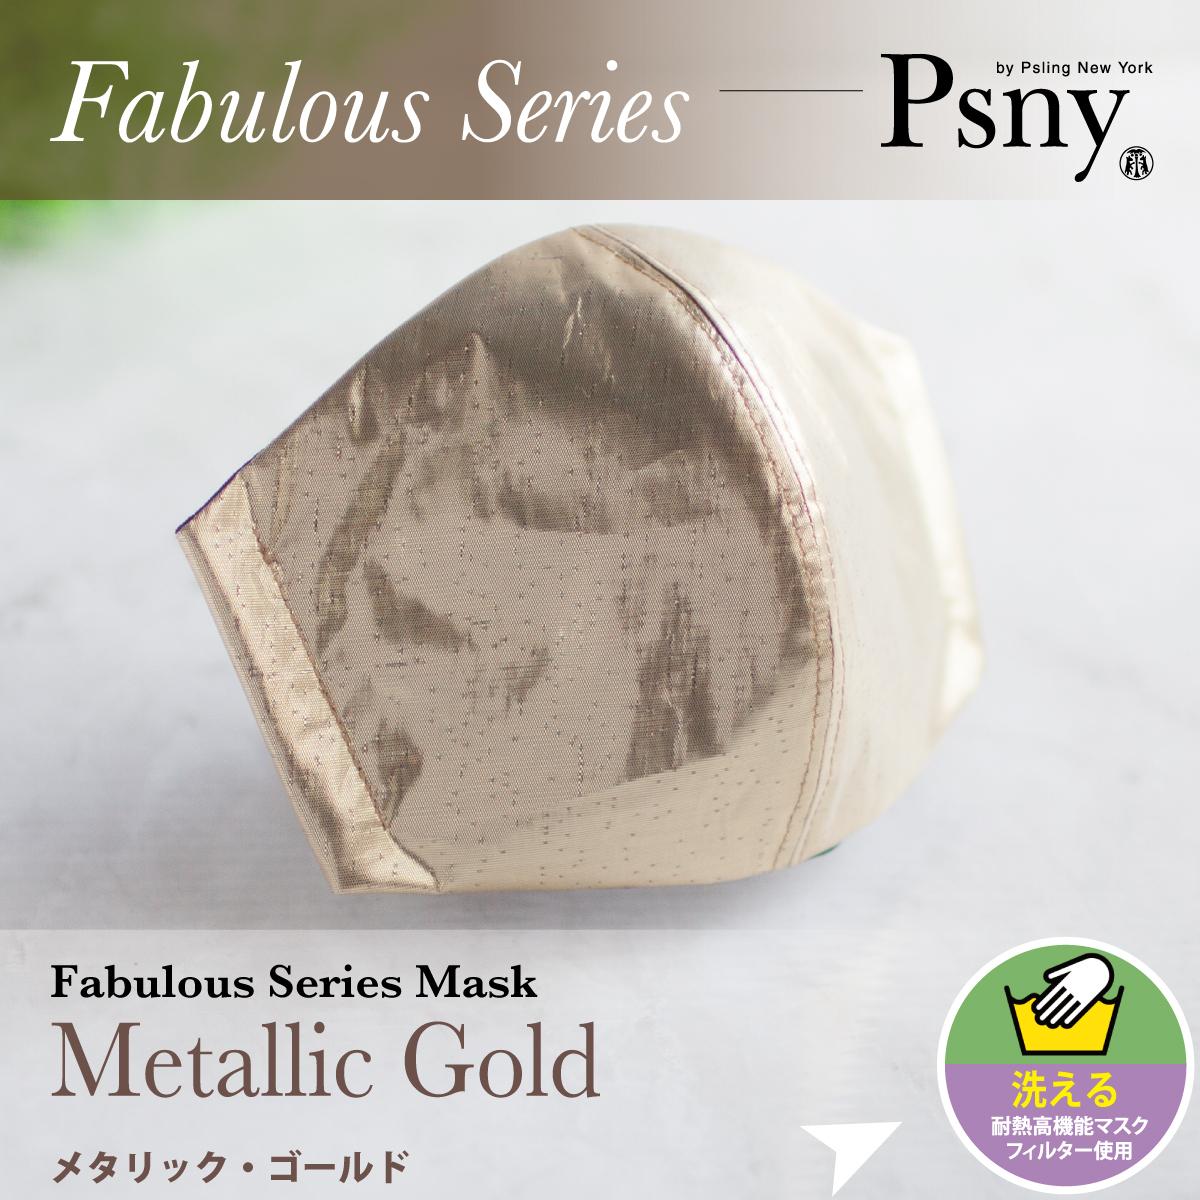 PSNY ファビュラス・ゴールド・オーガンジー 花粉 黄砂 洗える不織布フィルター入り 立体 大人用 マスク 送料無料 F08